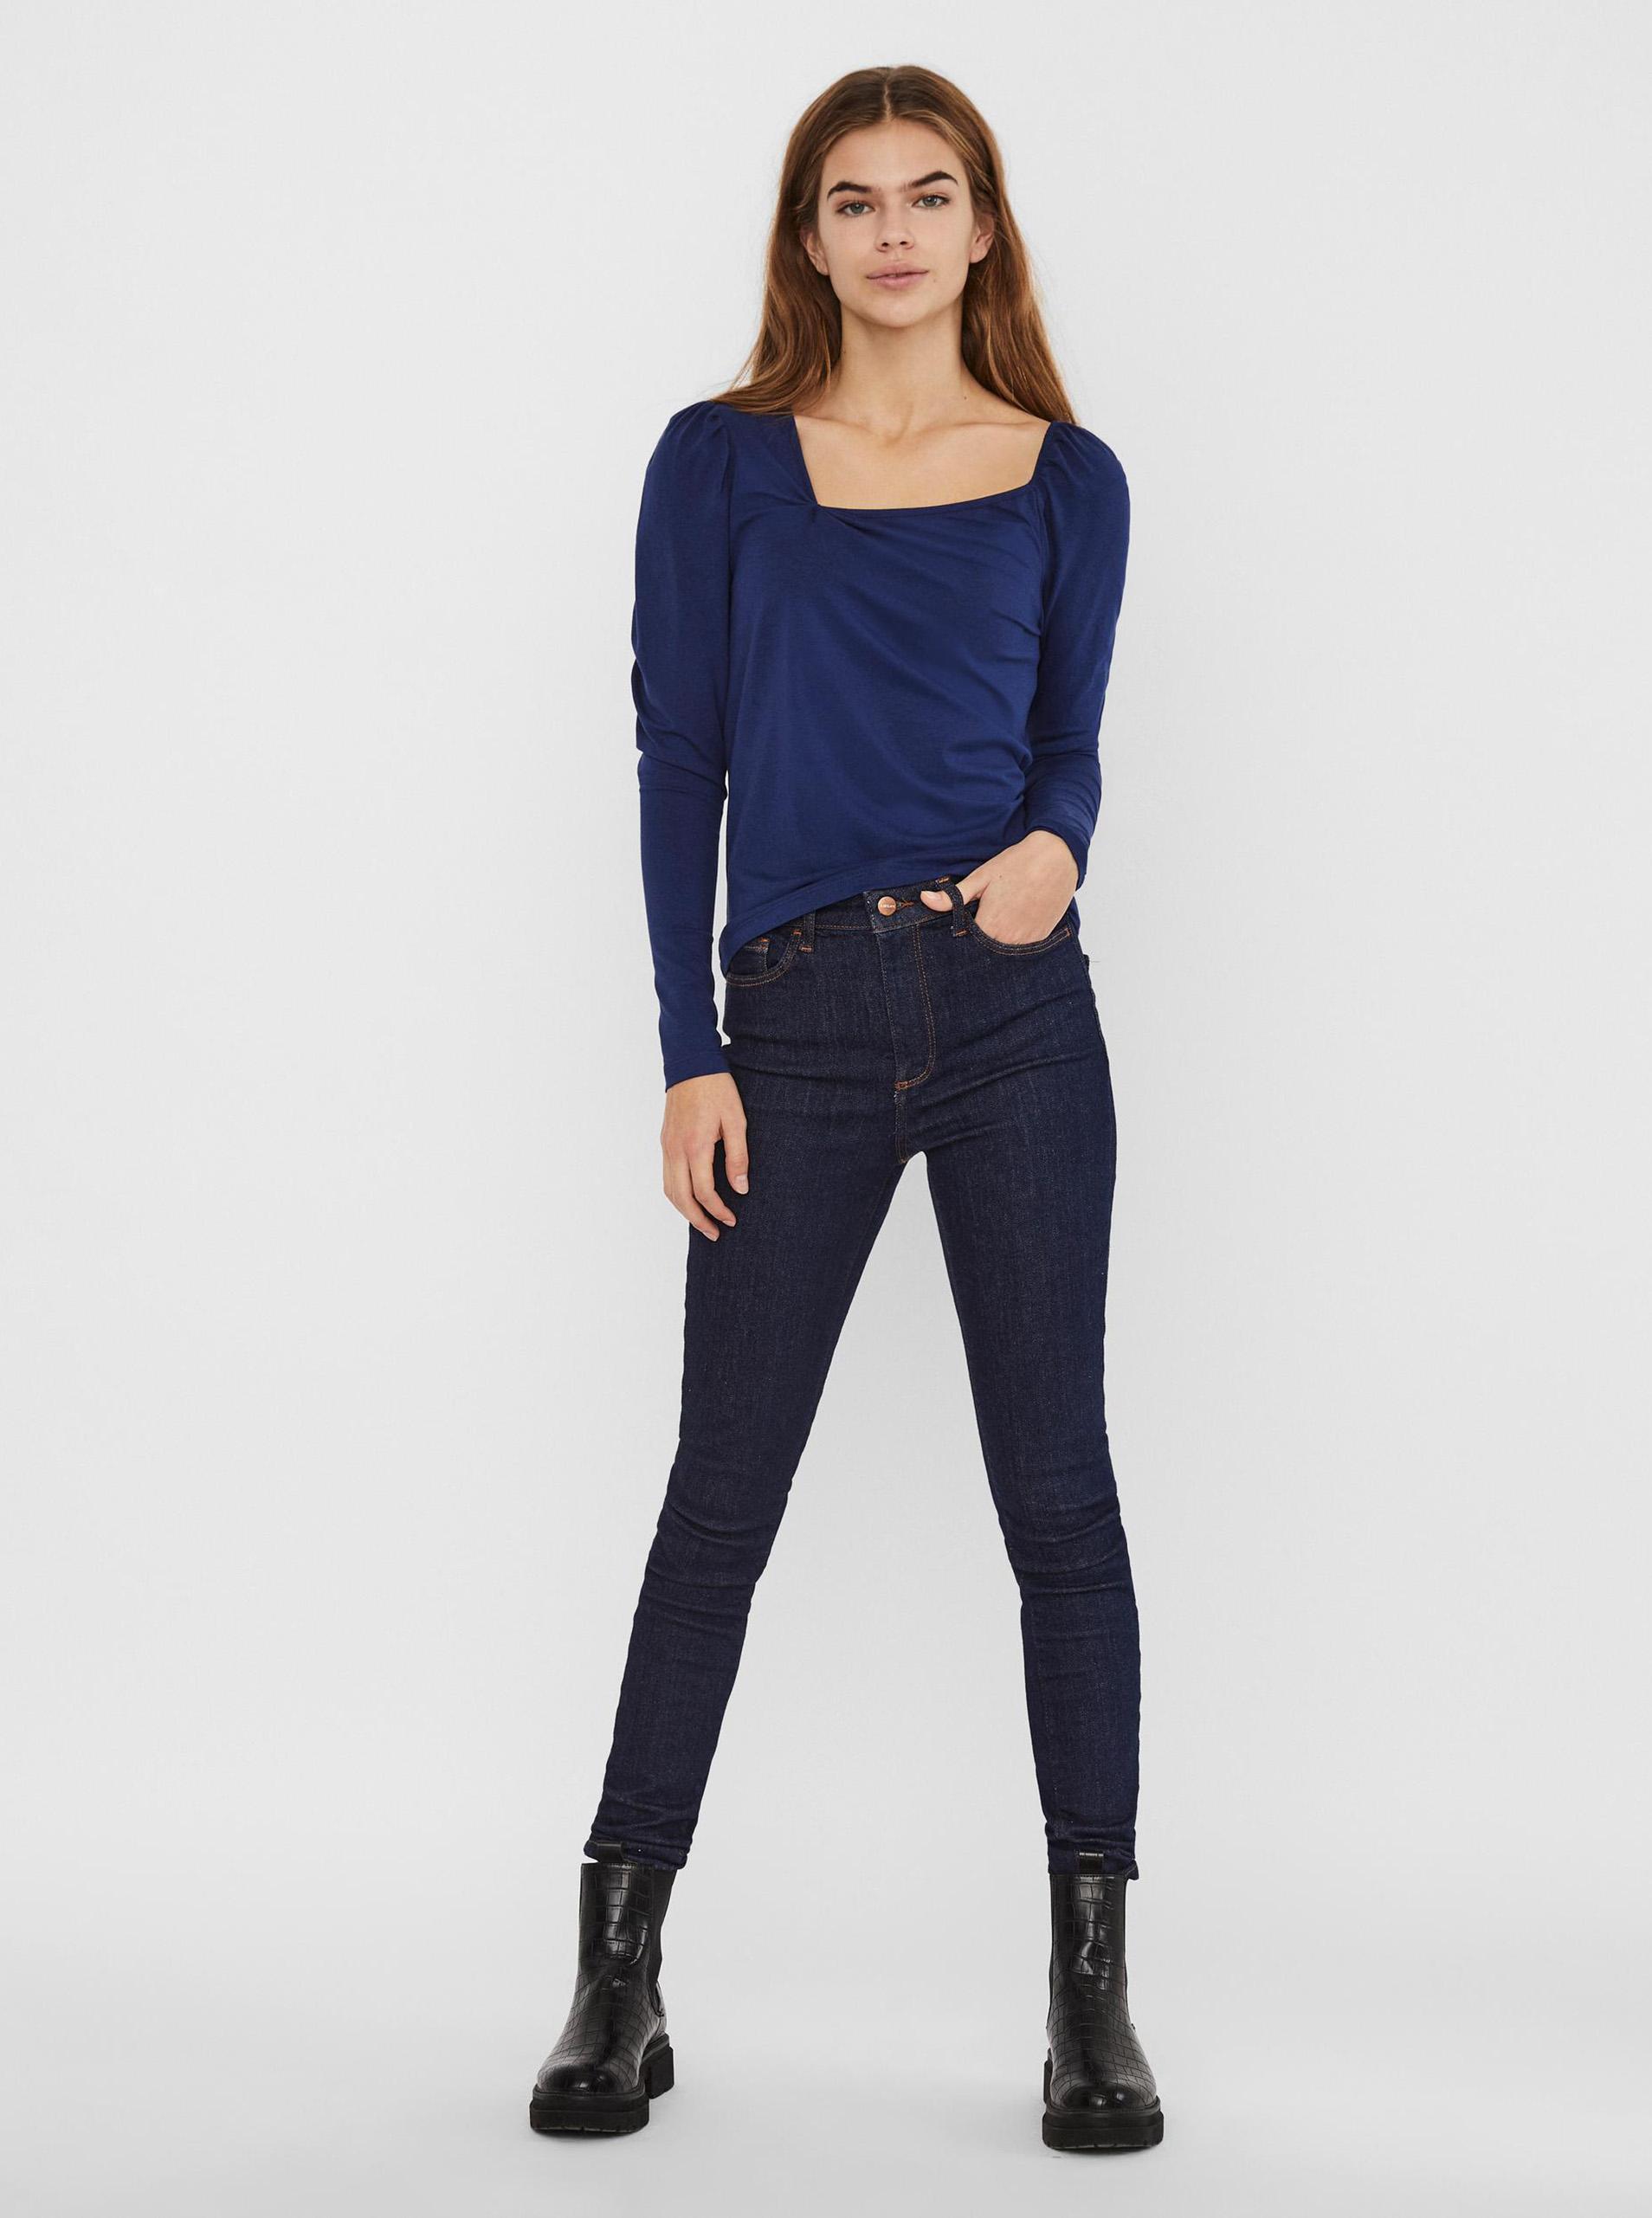 Vero Moda blu maglietta